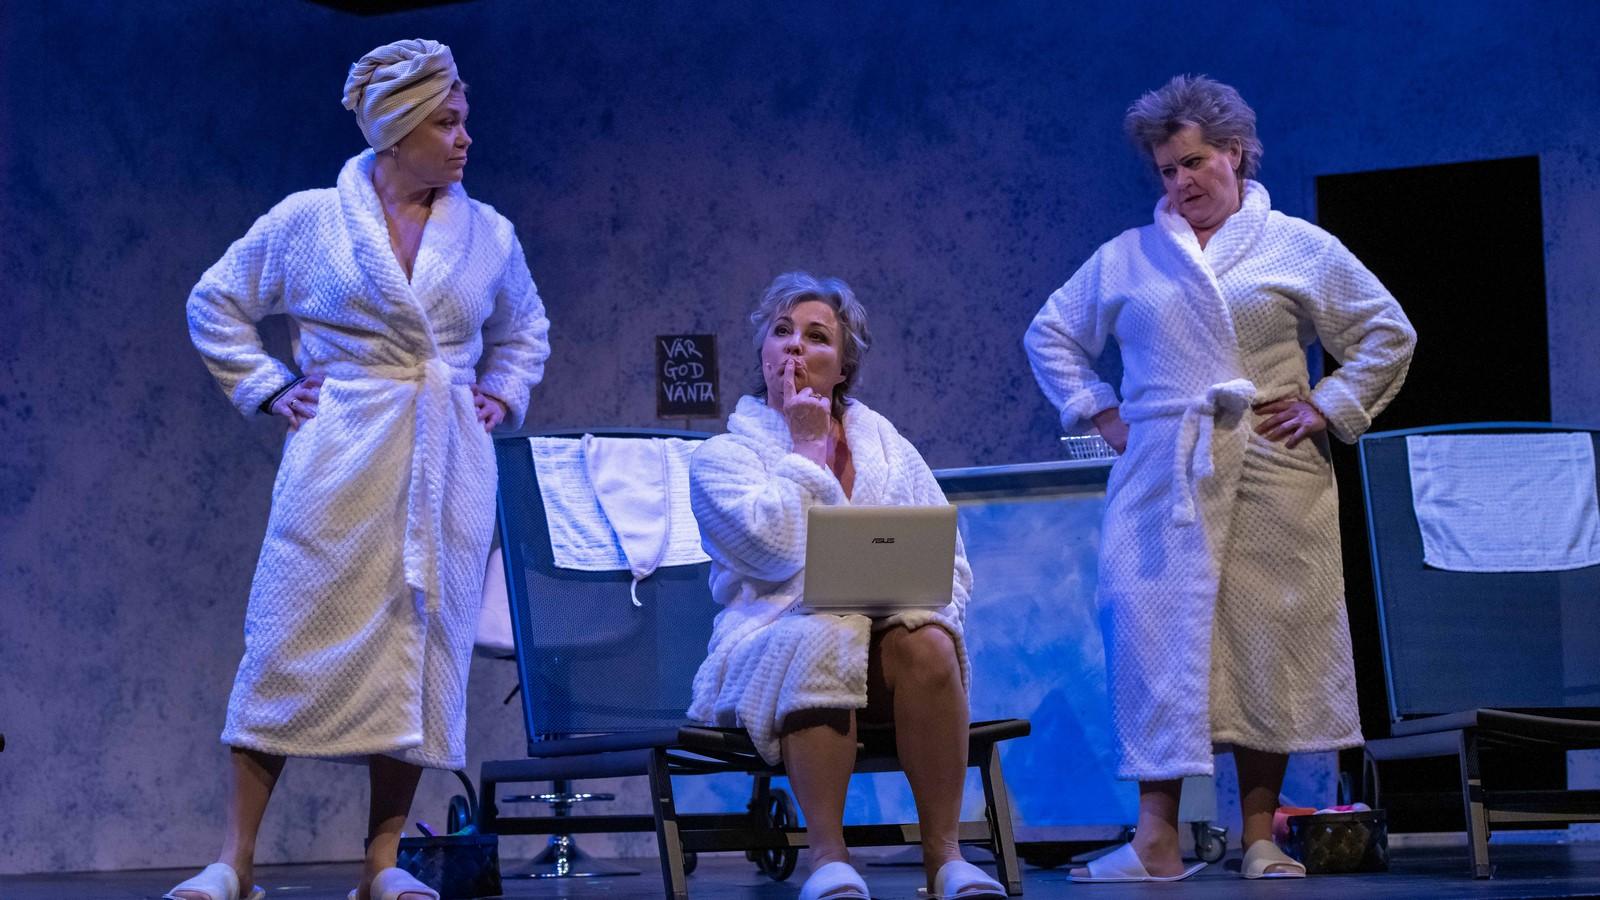 Anmeldelse: Modne damer i morgenkåbe, Musikteatret i Albertslund (Landsteatret)